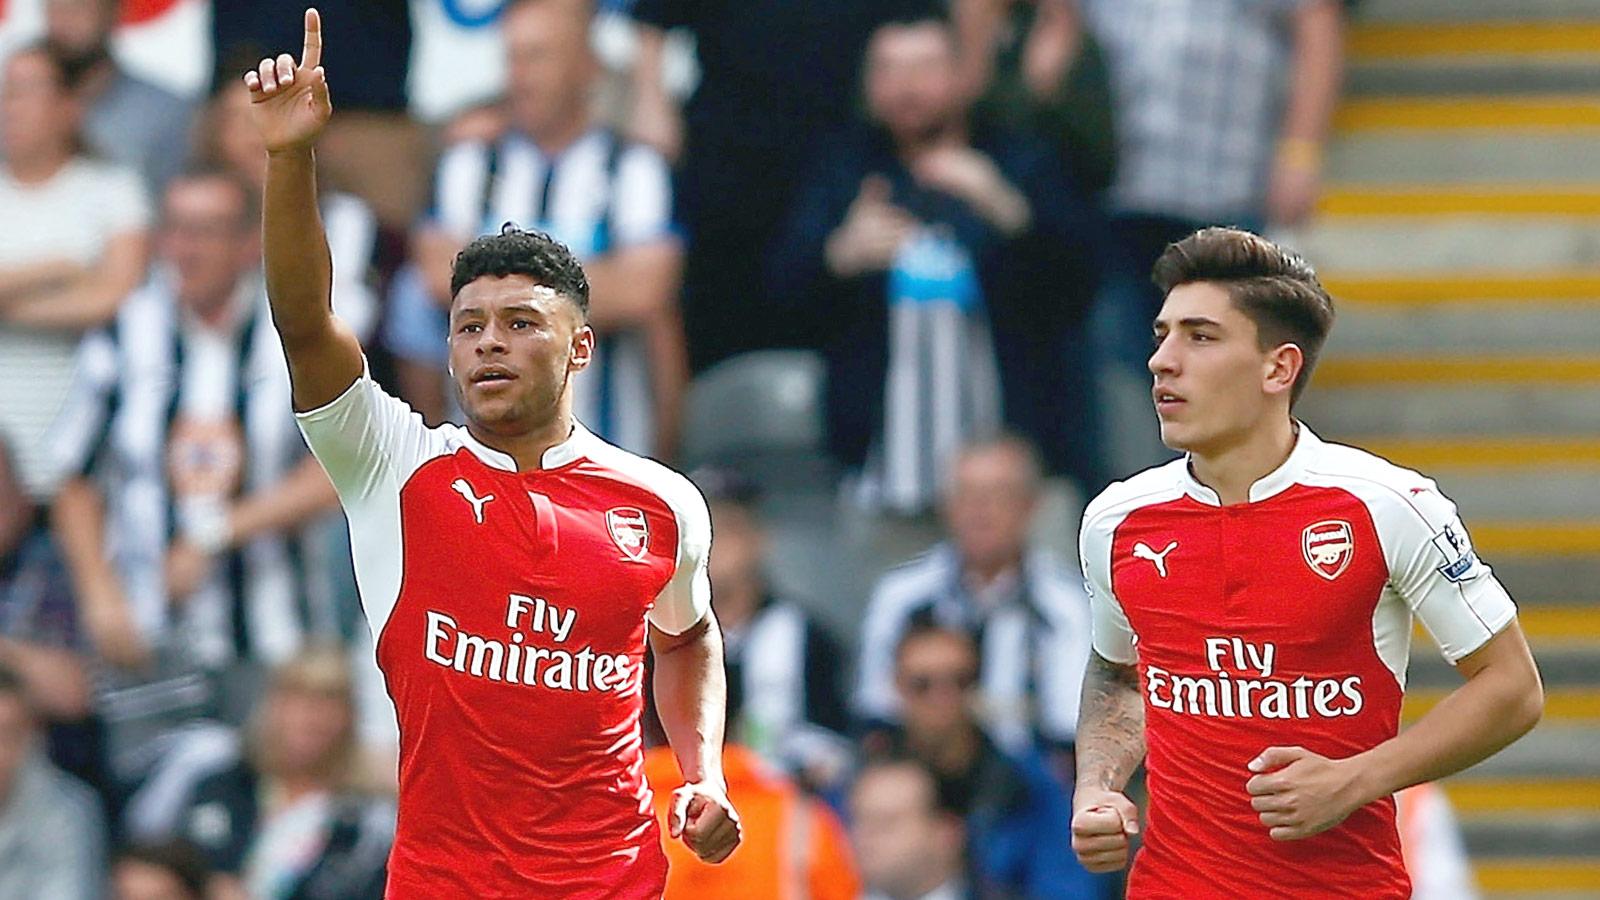 Arsenal edge 10-man Newcastle thanks to Coloccini's own-goal